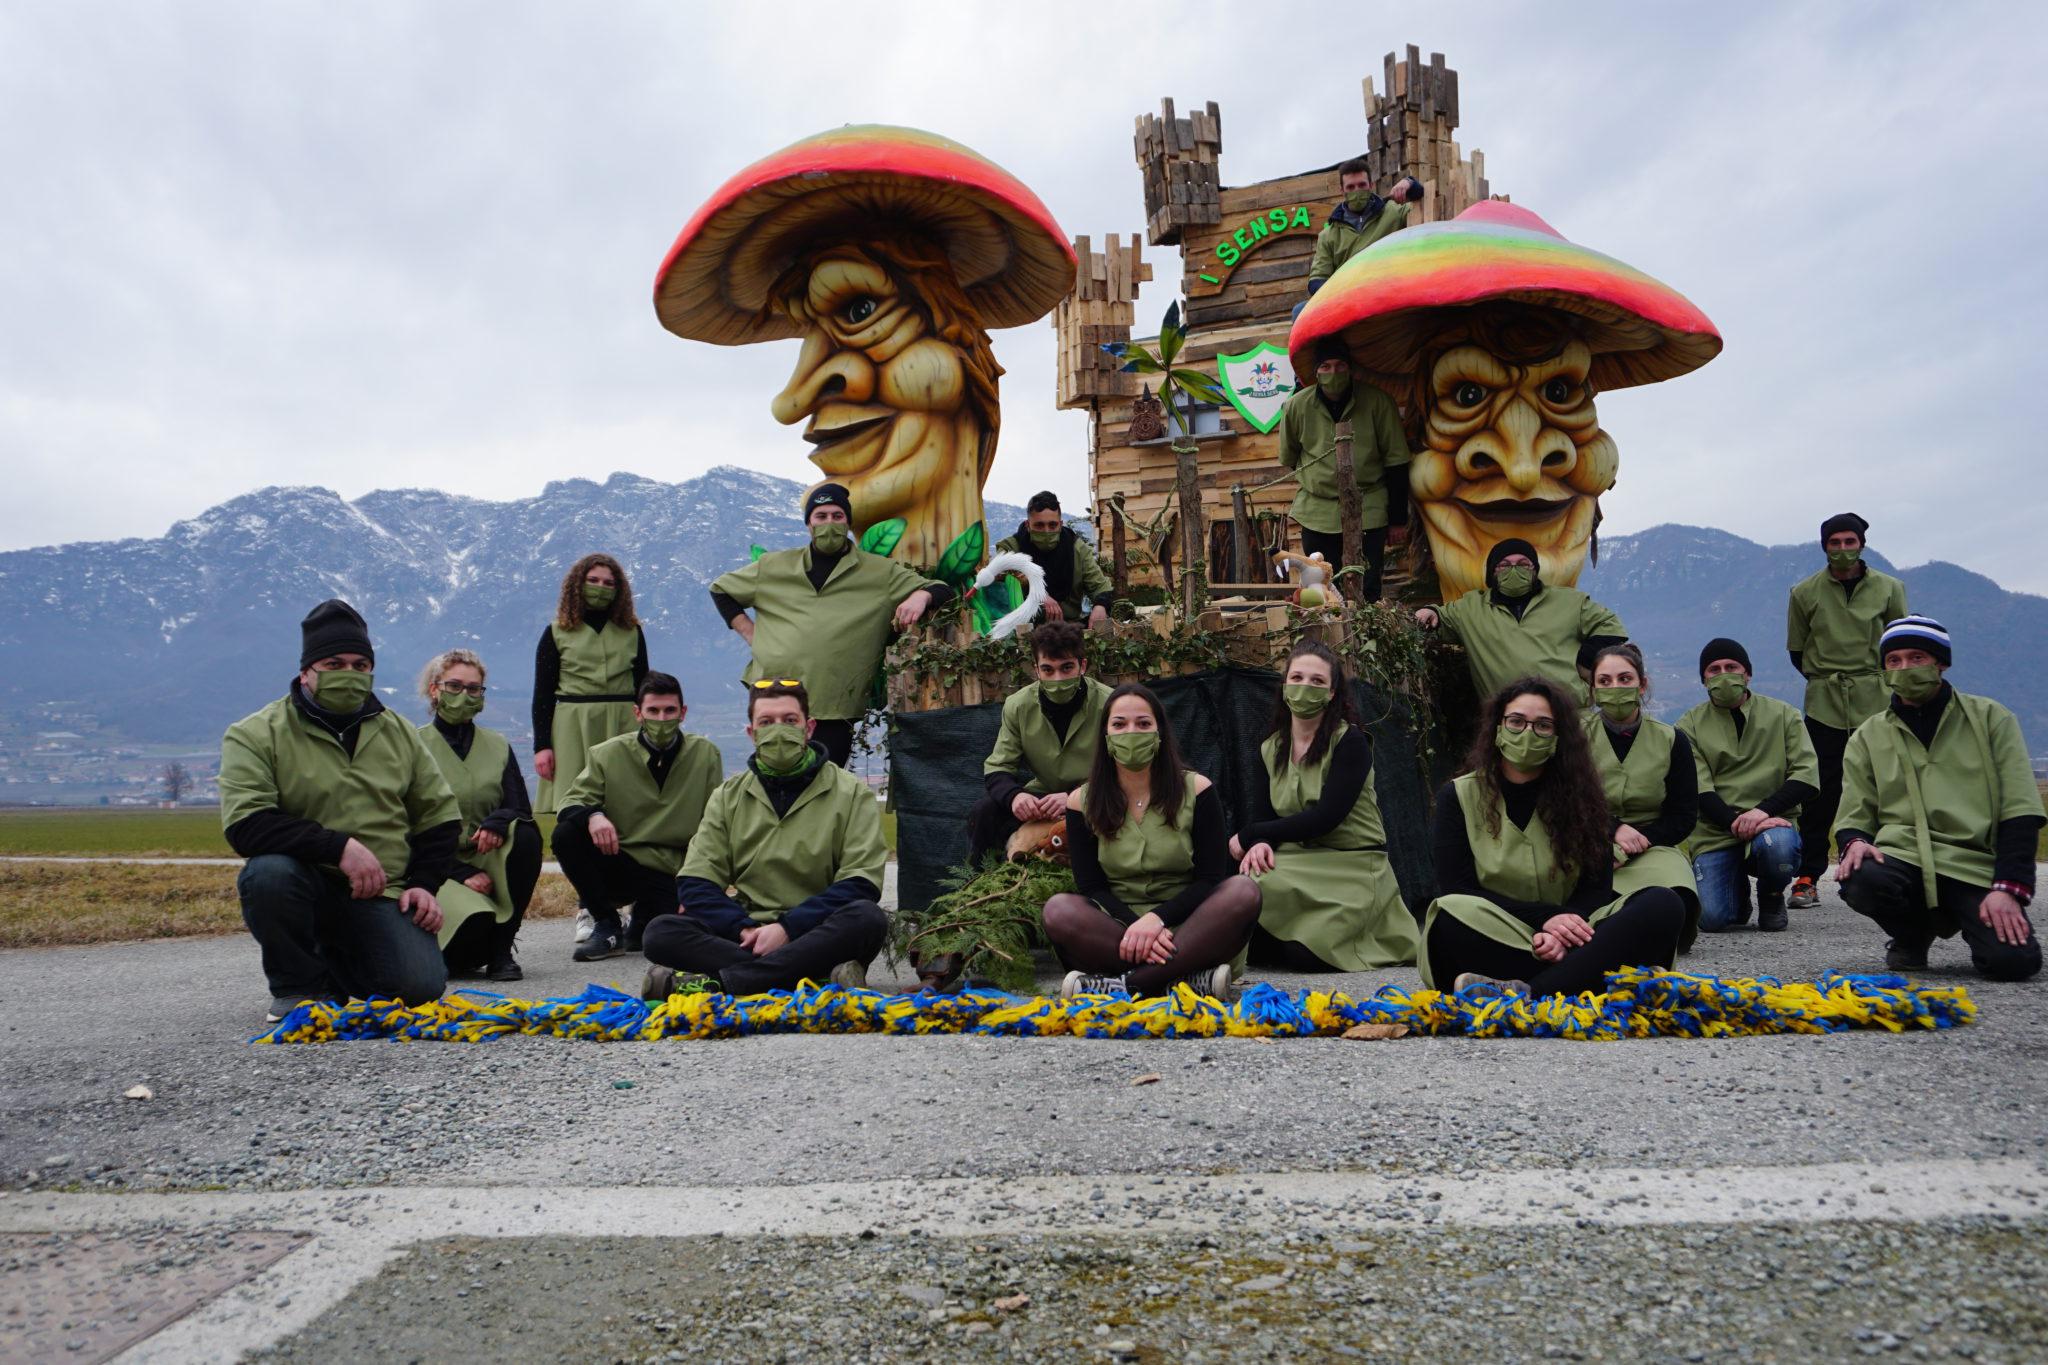 Carnevale Saluzzo, premi a Envie, Luserna, Roletto, Roccabruna, San Martino, Tarantasca